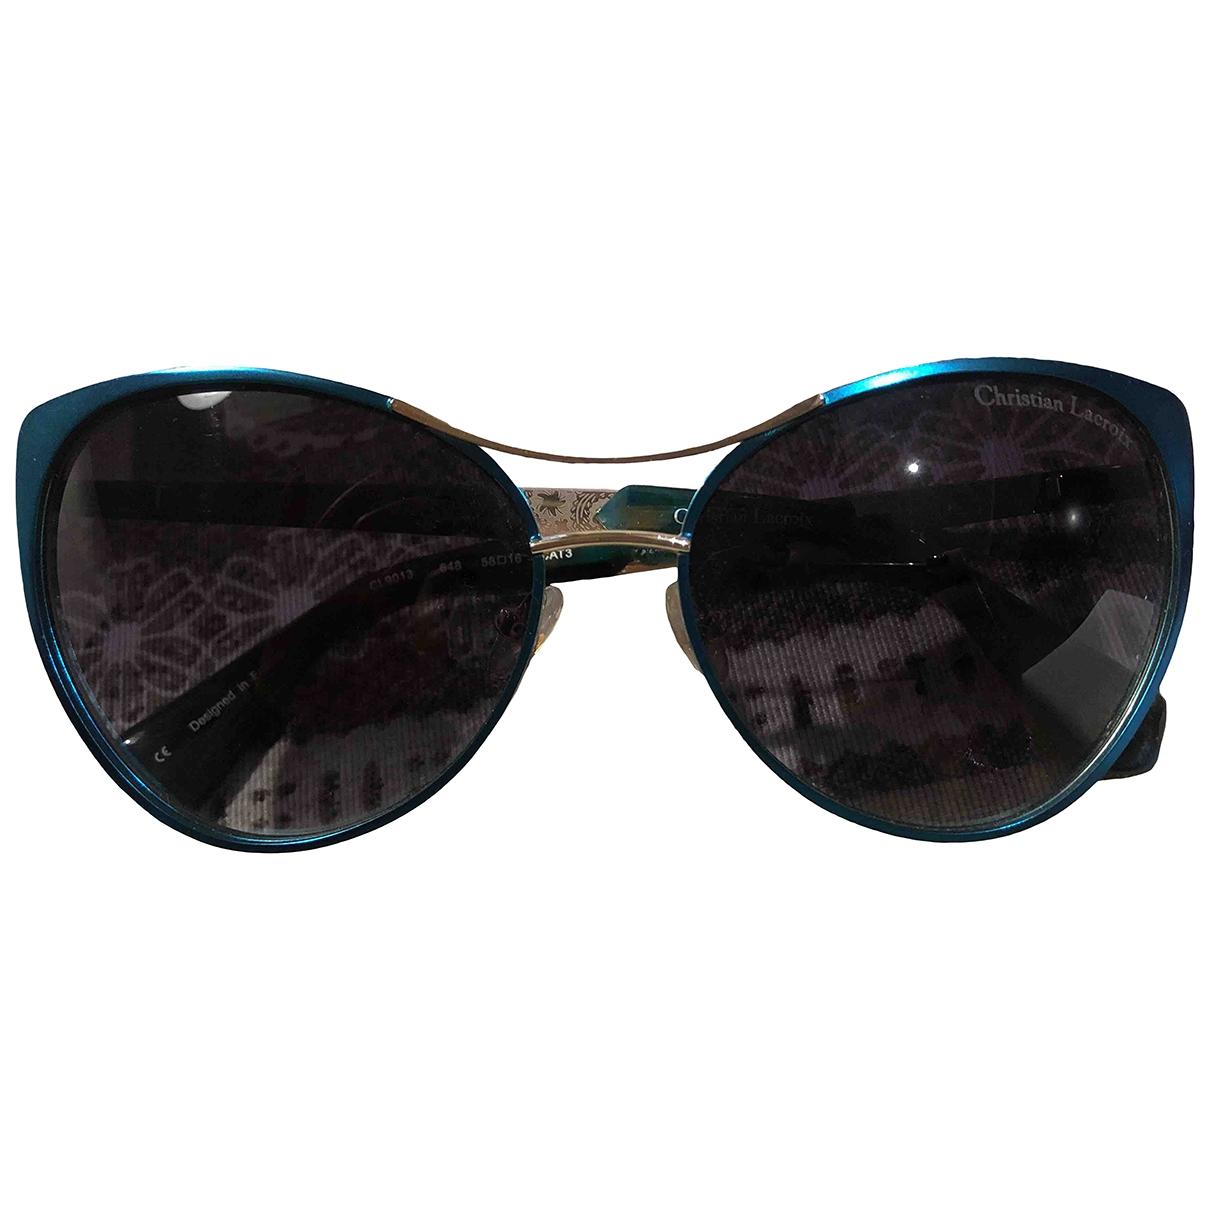 Gafas oversize Christian Lacroix